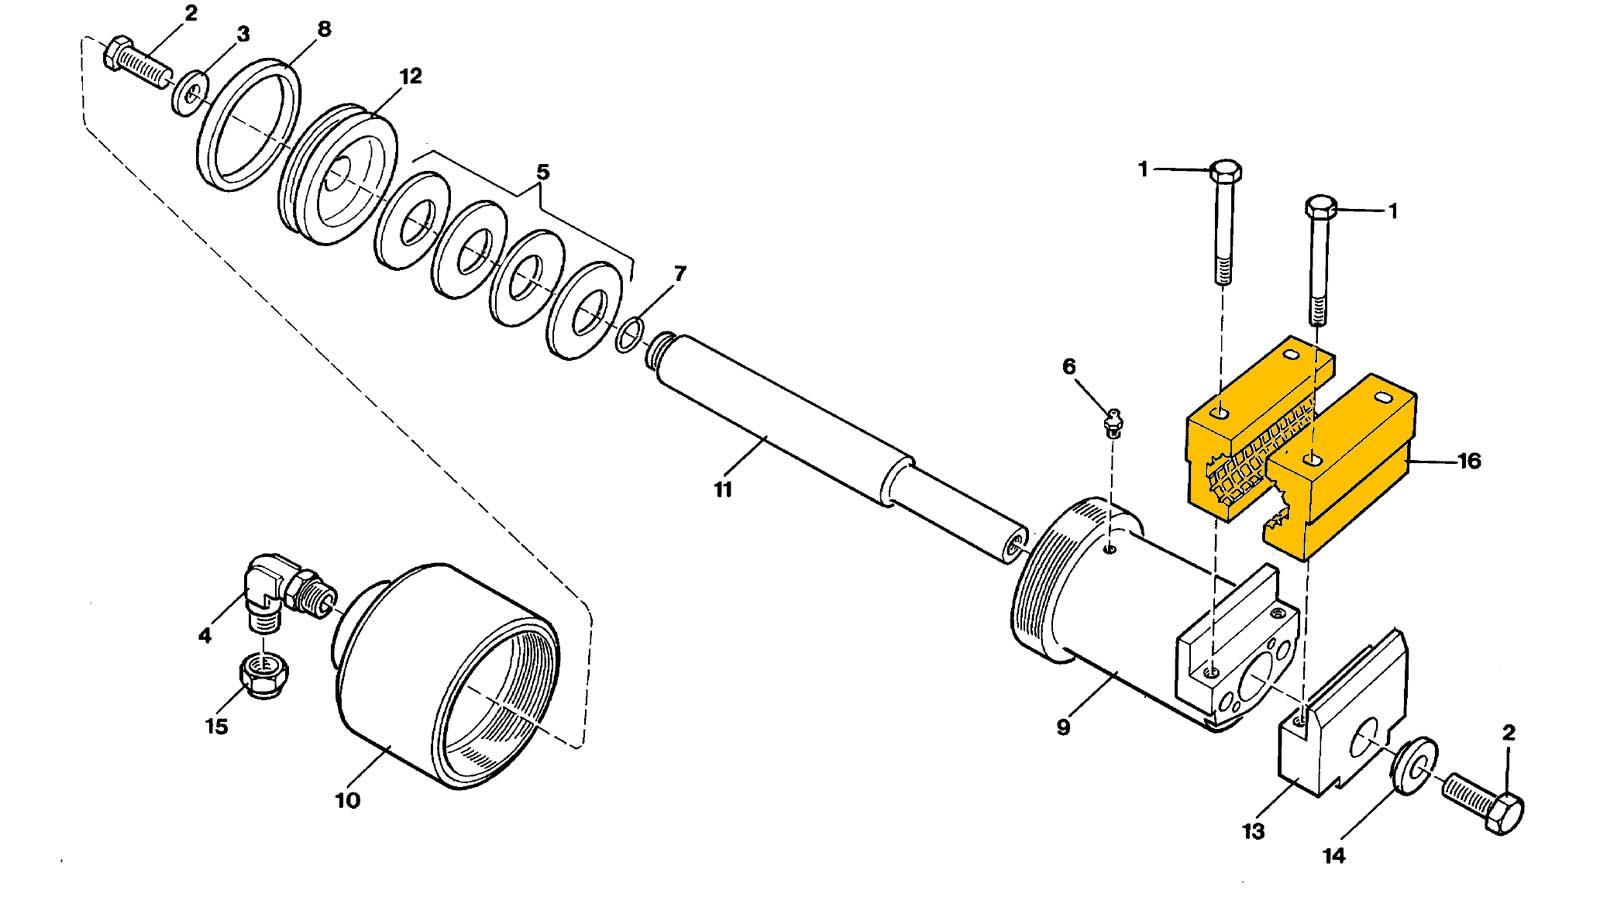 Diamec 232 Page 33 Drill Rigs Spare Parts